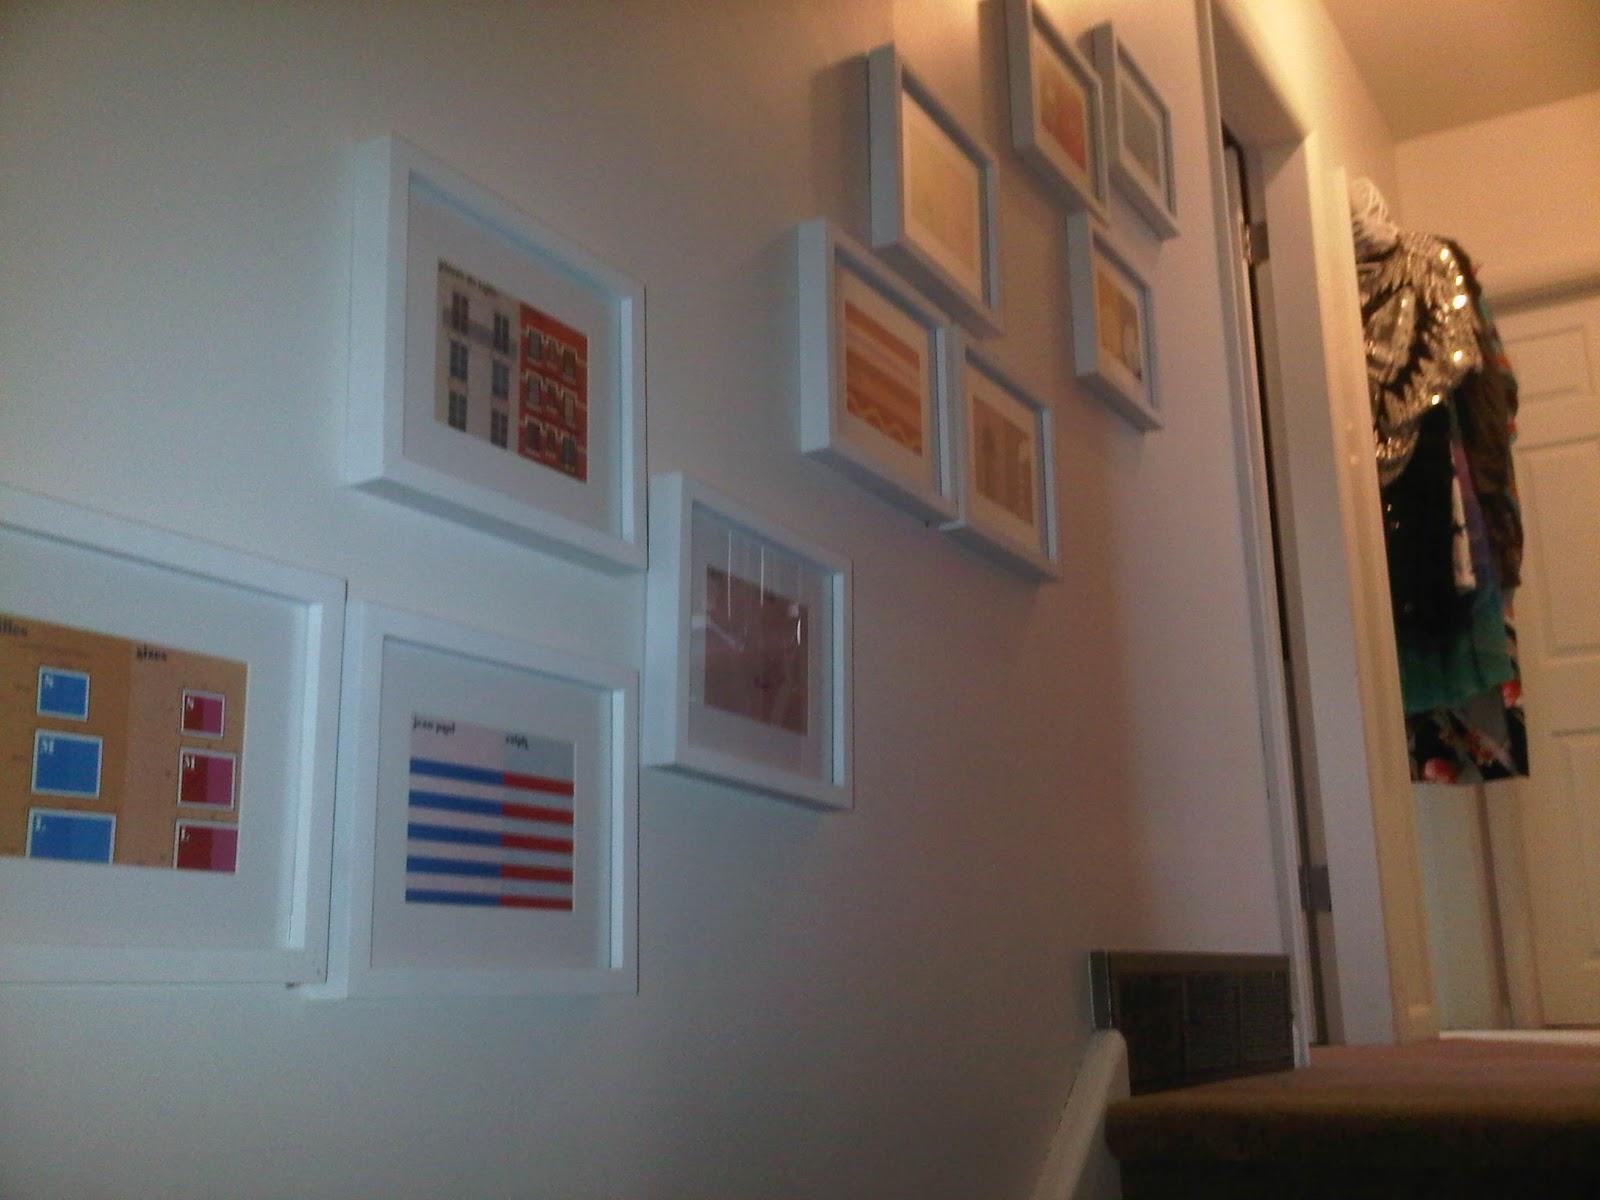 http://3.bp.blogspot.com/-ncmesTzxaTo/TycfwnGsYrI/AAAAAAAACgw/ufQ672xqeSs/s1600/paris+vs+nyc+on+my+wall.jpg